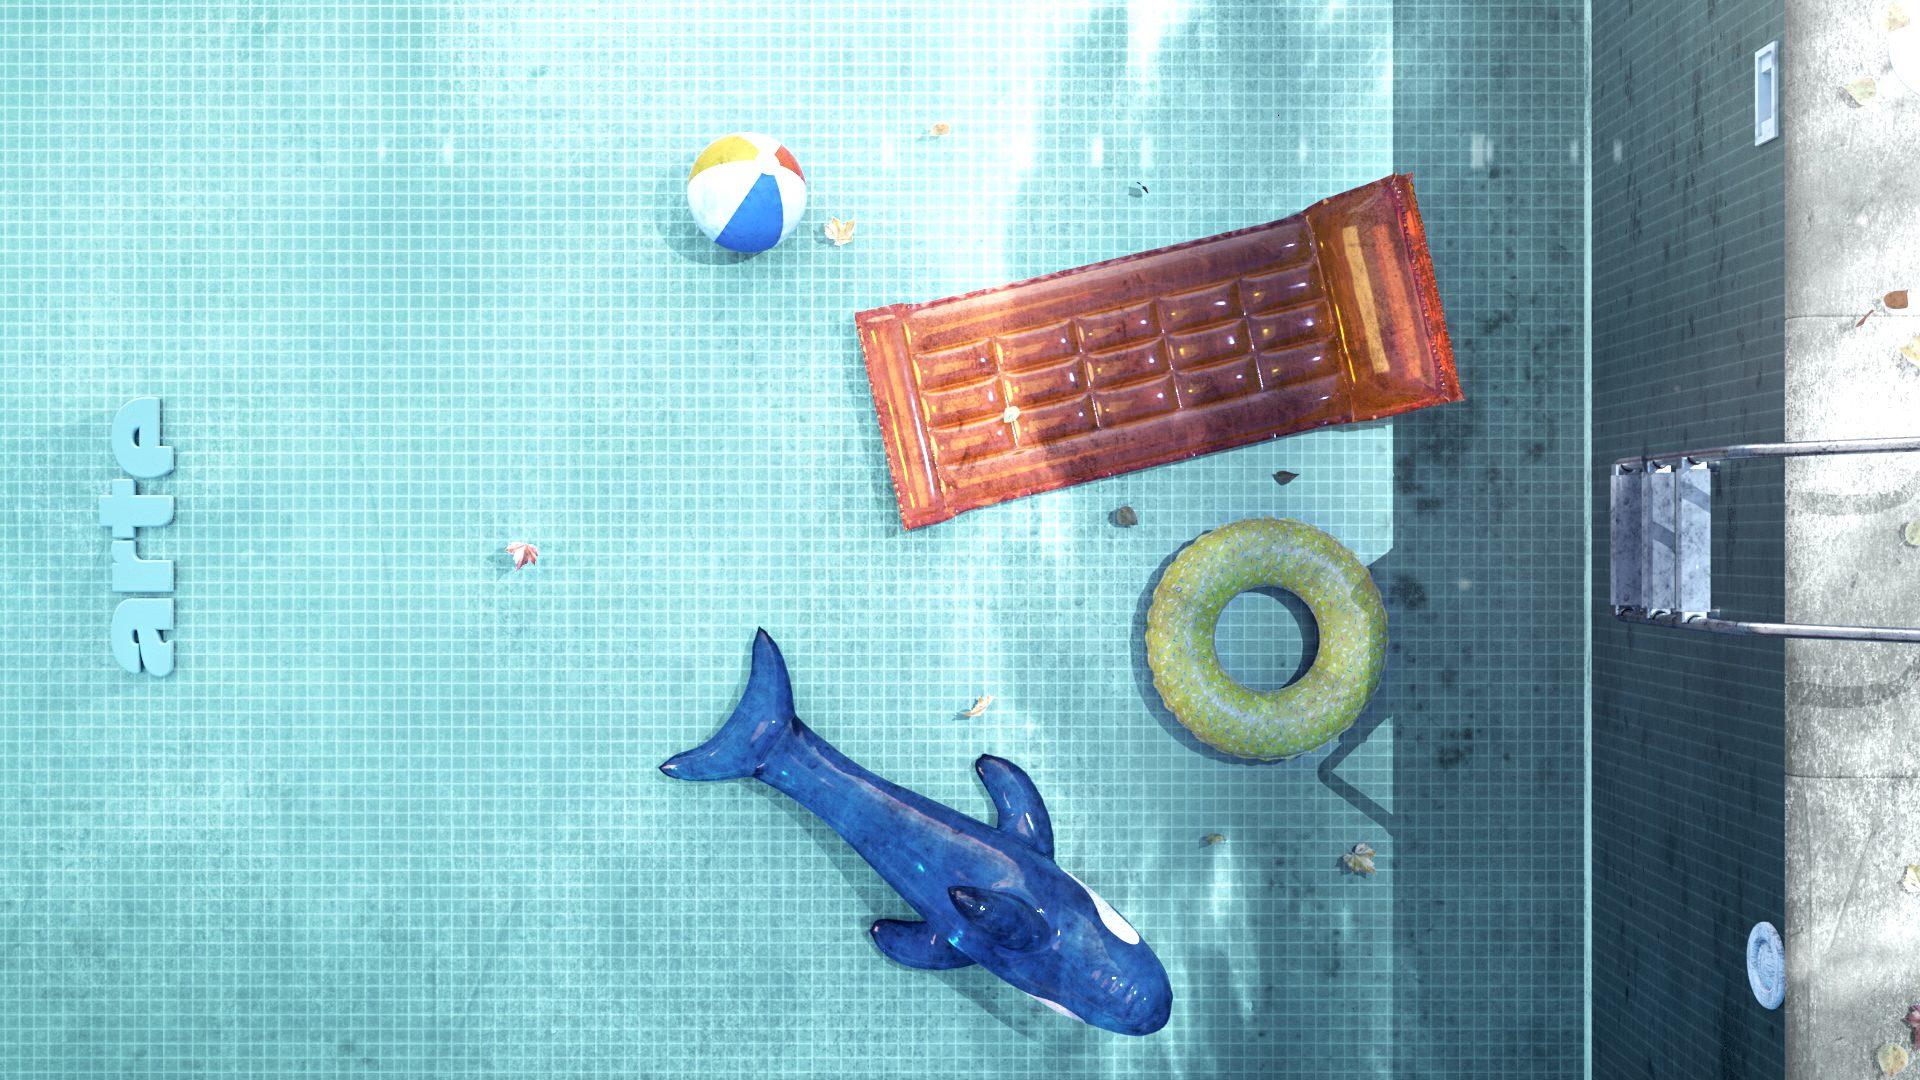 sting_swimming-pool_b